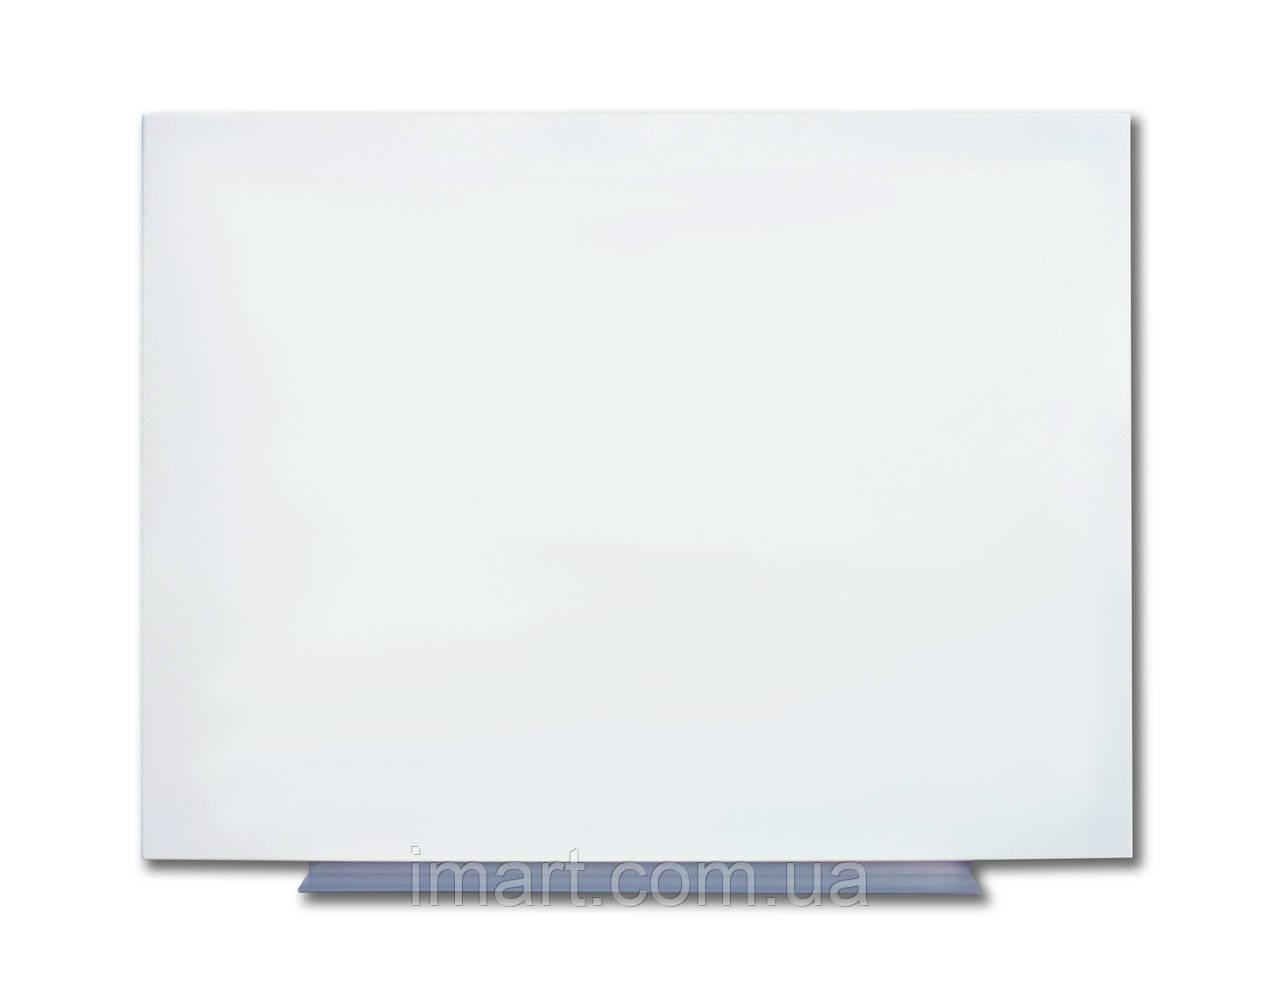 Маркерная доска Магнитная 45х60 см. Премиум Белая. Для надписей сухостираемыми маркерами